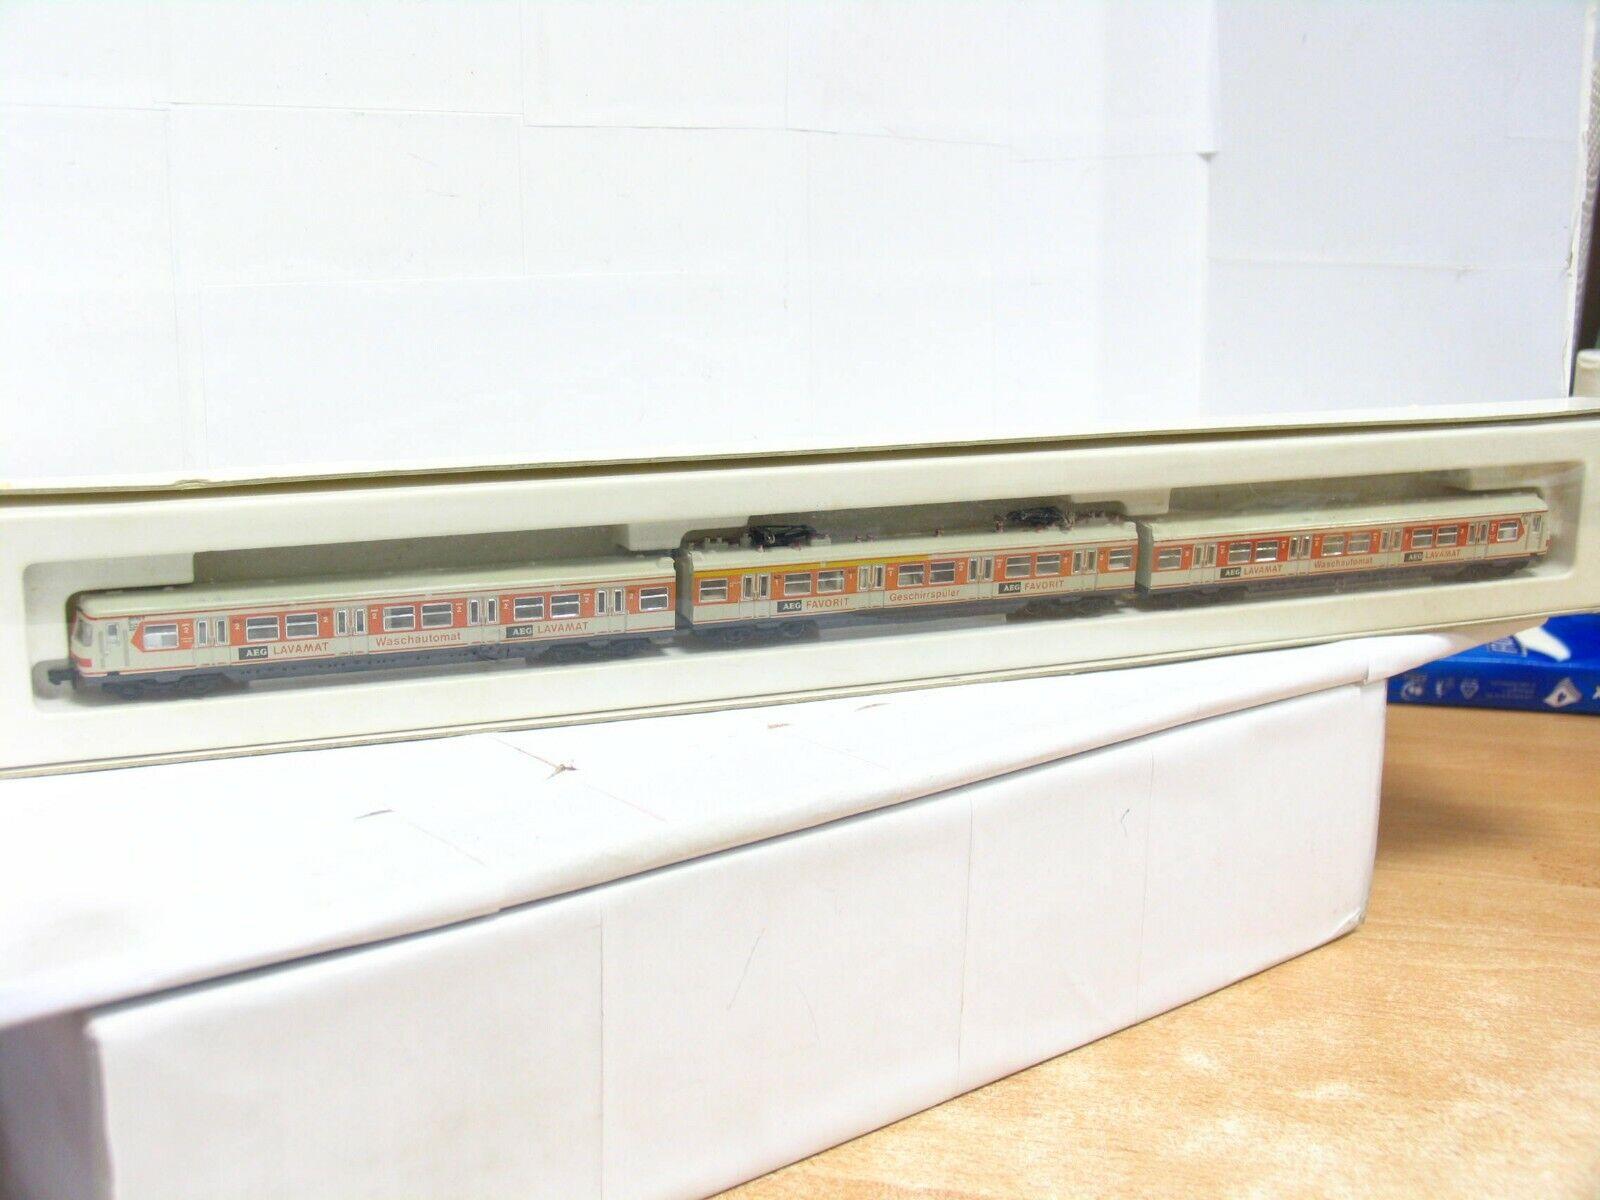 Arnold n 0295 3 piezas elektrossoriebzug et 420 AEG DB VP (rb8742)